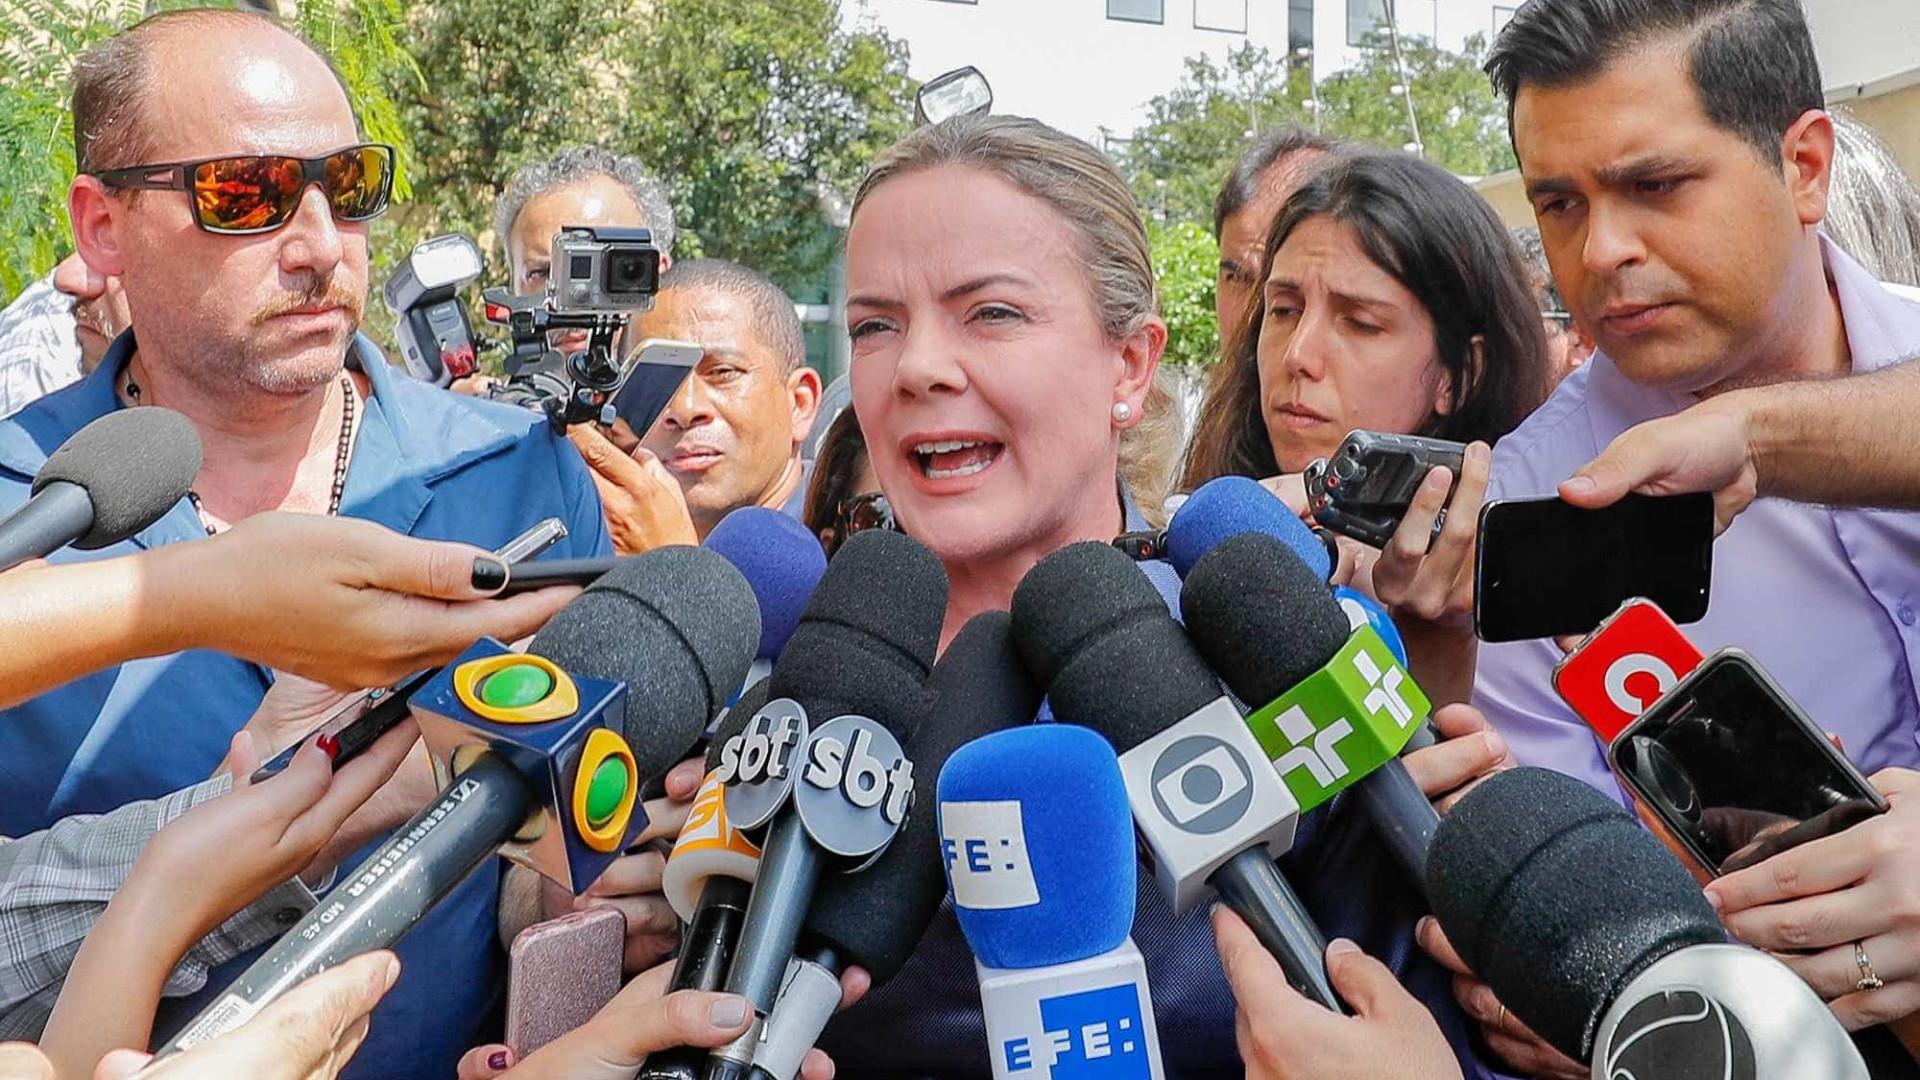 Oposição usa massacre para atacar política de liberação de armas